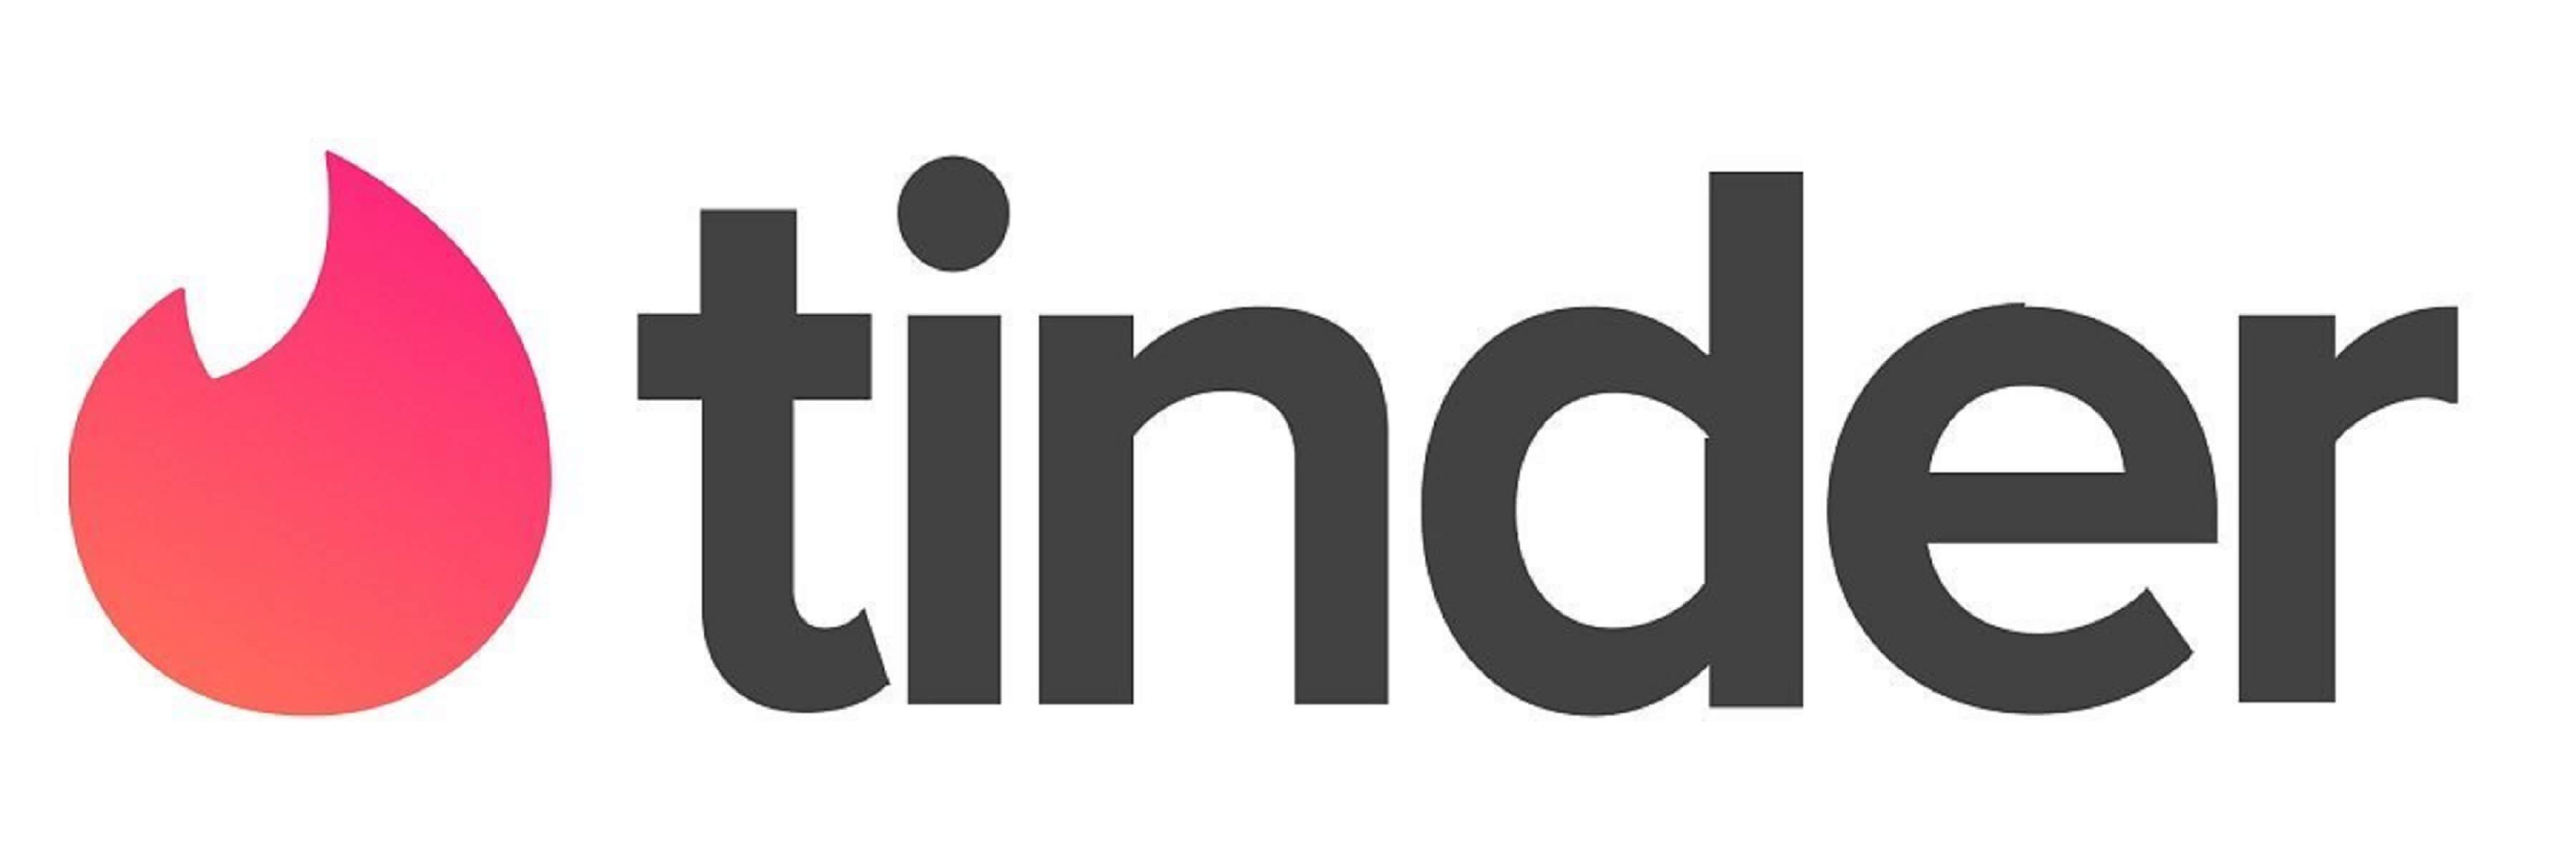 Despre Tinder - nelămuriri & co - Forumul Softpedia